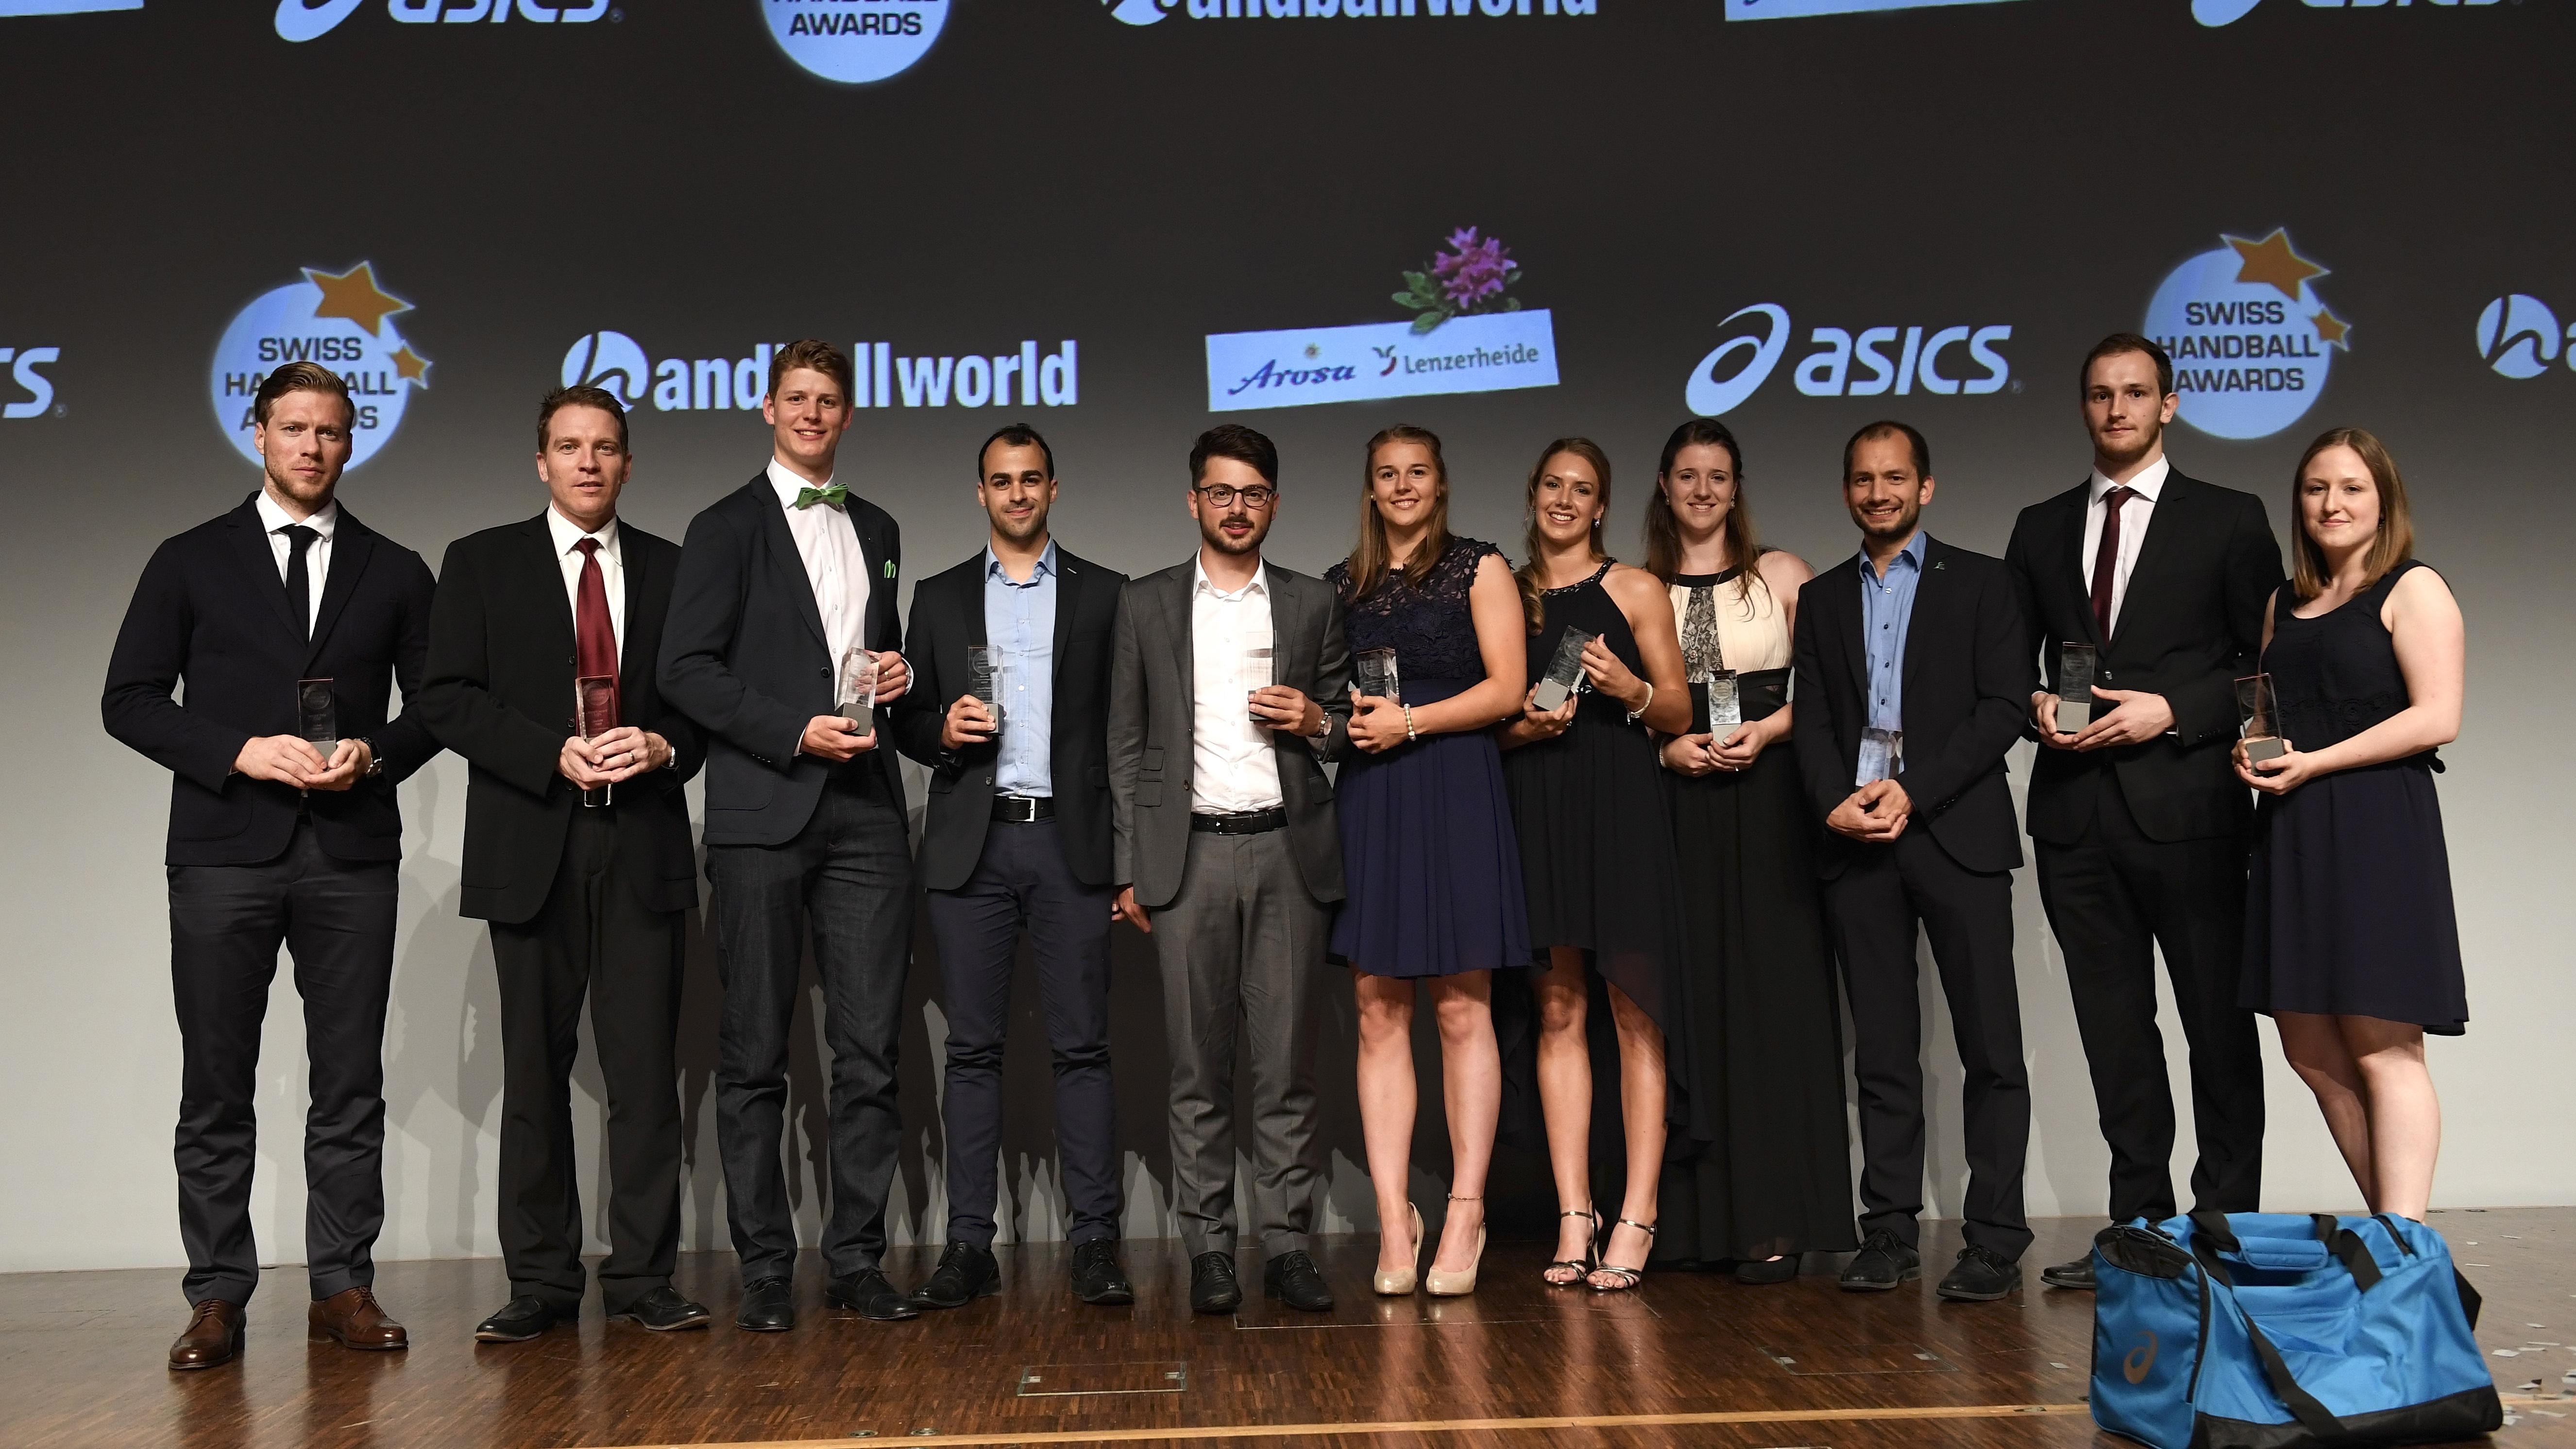 Die Award-Gewinner 2017